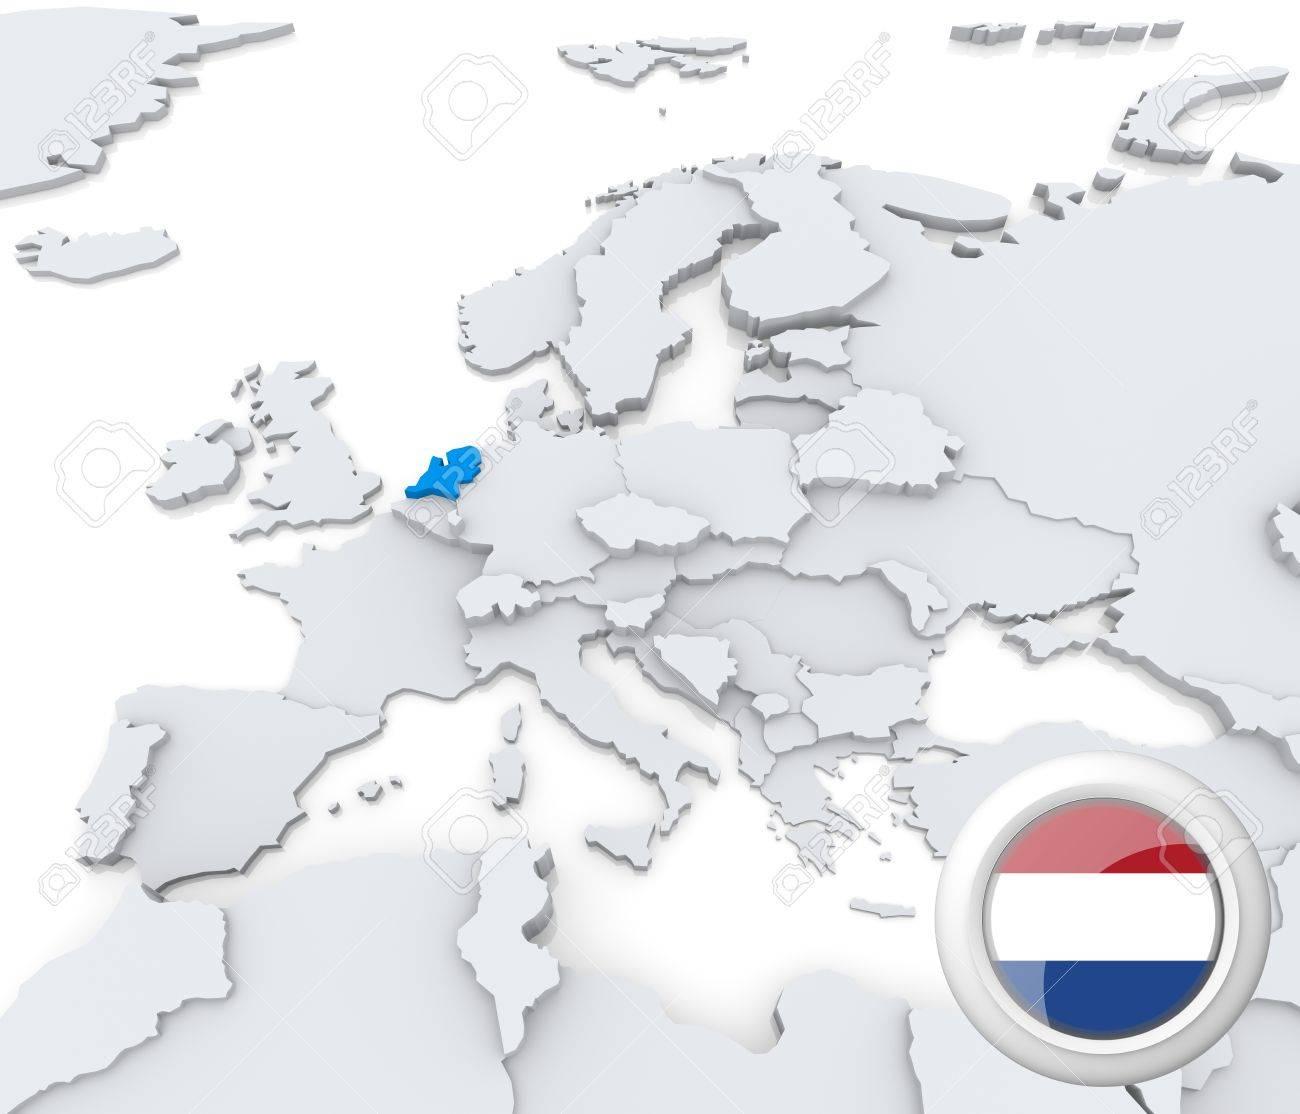 Carte De Leurope Pays Bas.A Souligne Pays Bas Sur La Carte De L Europe Avec Le Drapeau National